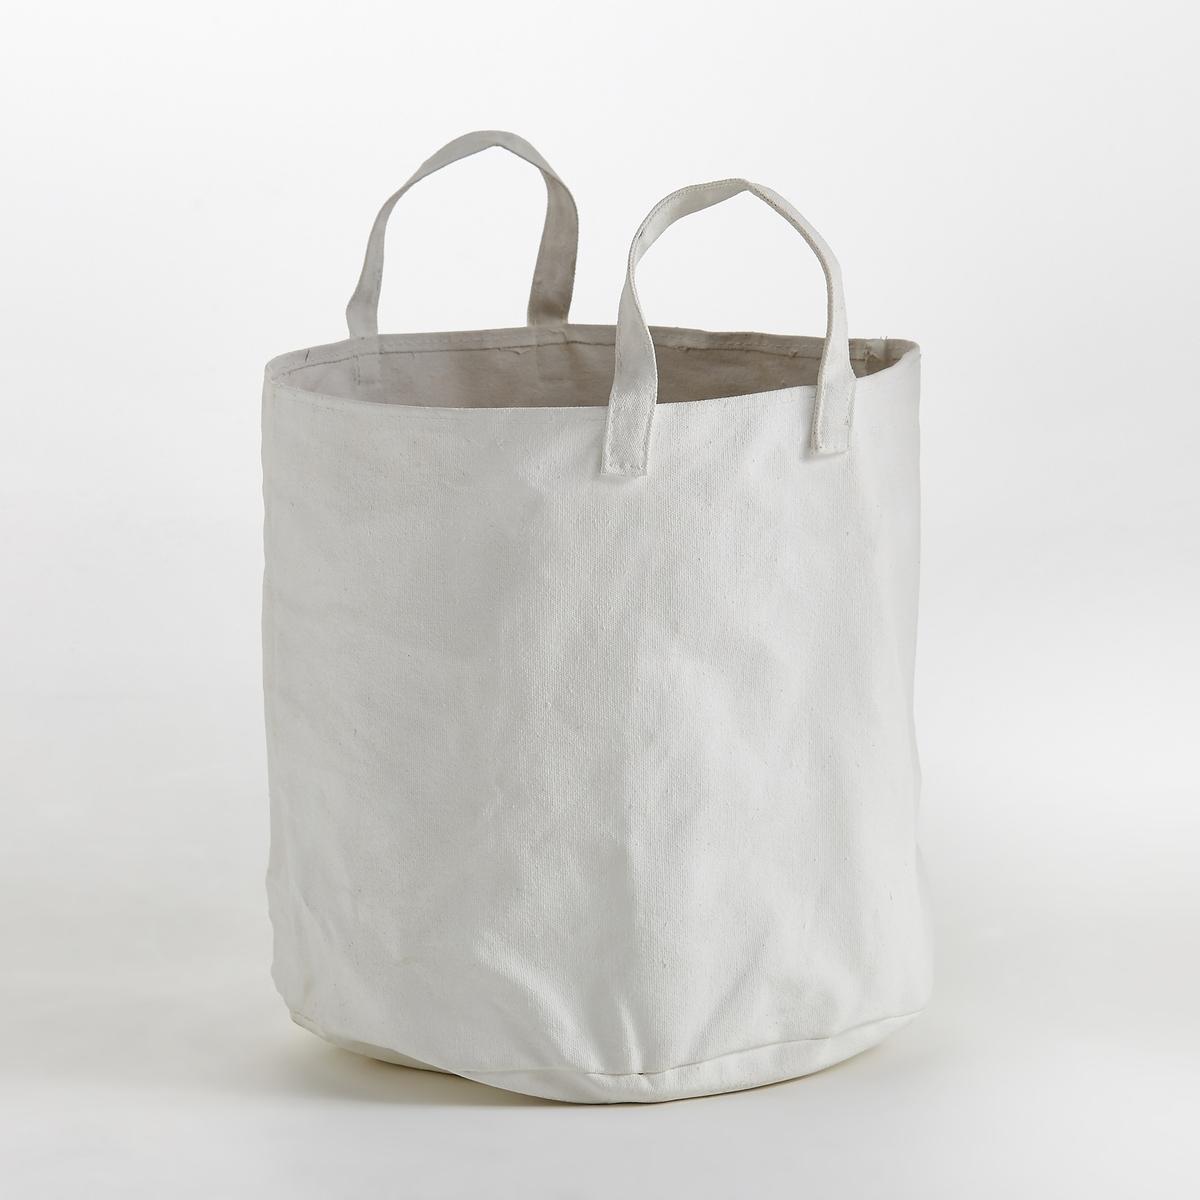 Сумка из канвы с пропиткой, большая модель Marie MichielssenБольшая сумка, дизайн Мари Мишельссен для Serax. Сумку можно использовать как кашпо или для хранения любых вещей : журналы, пледы… 2 большие ручки позволяют повесить ее, чтобы придать оригинальности декору. Характеристики: : - Из 100% хлопка с обработкой бесцветным лаком для придания прочности и хорошей поддержки - Поставляется с непромокаемой сумкой из прозрачного пластика- Чистить с помощью влажной тряпки. Не стирать в стиральной машине  Размеры  : - ?37 x В35 см<br><br>Цвет: белый